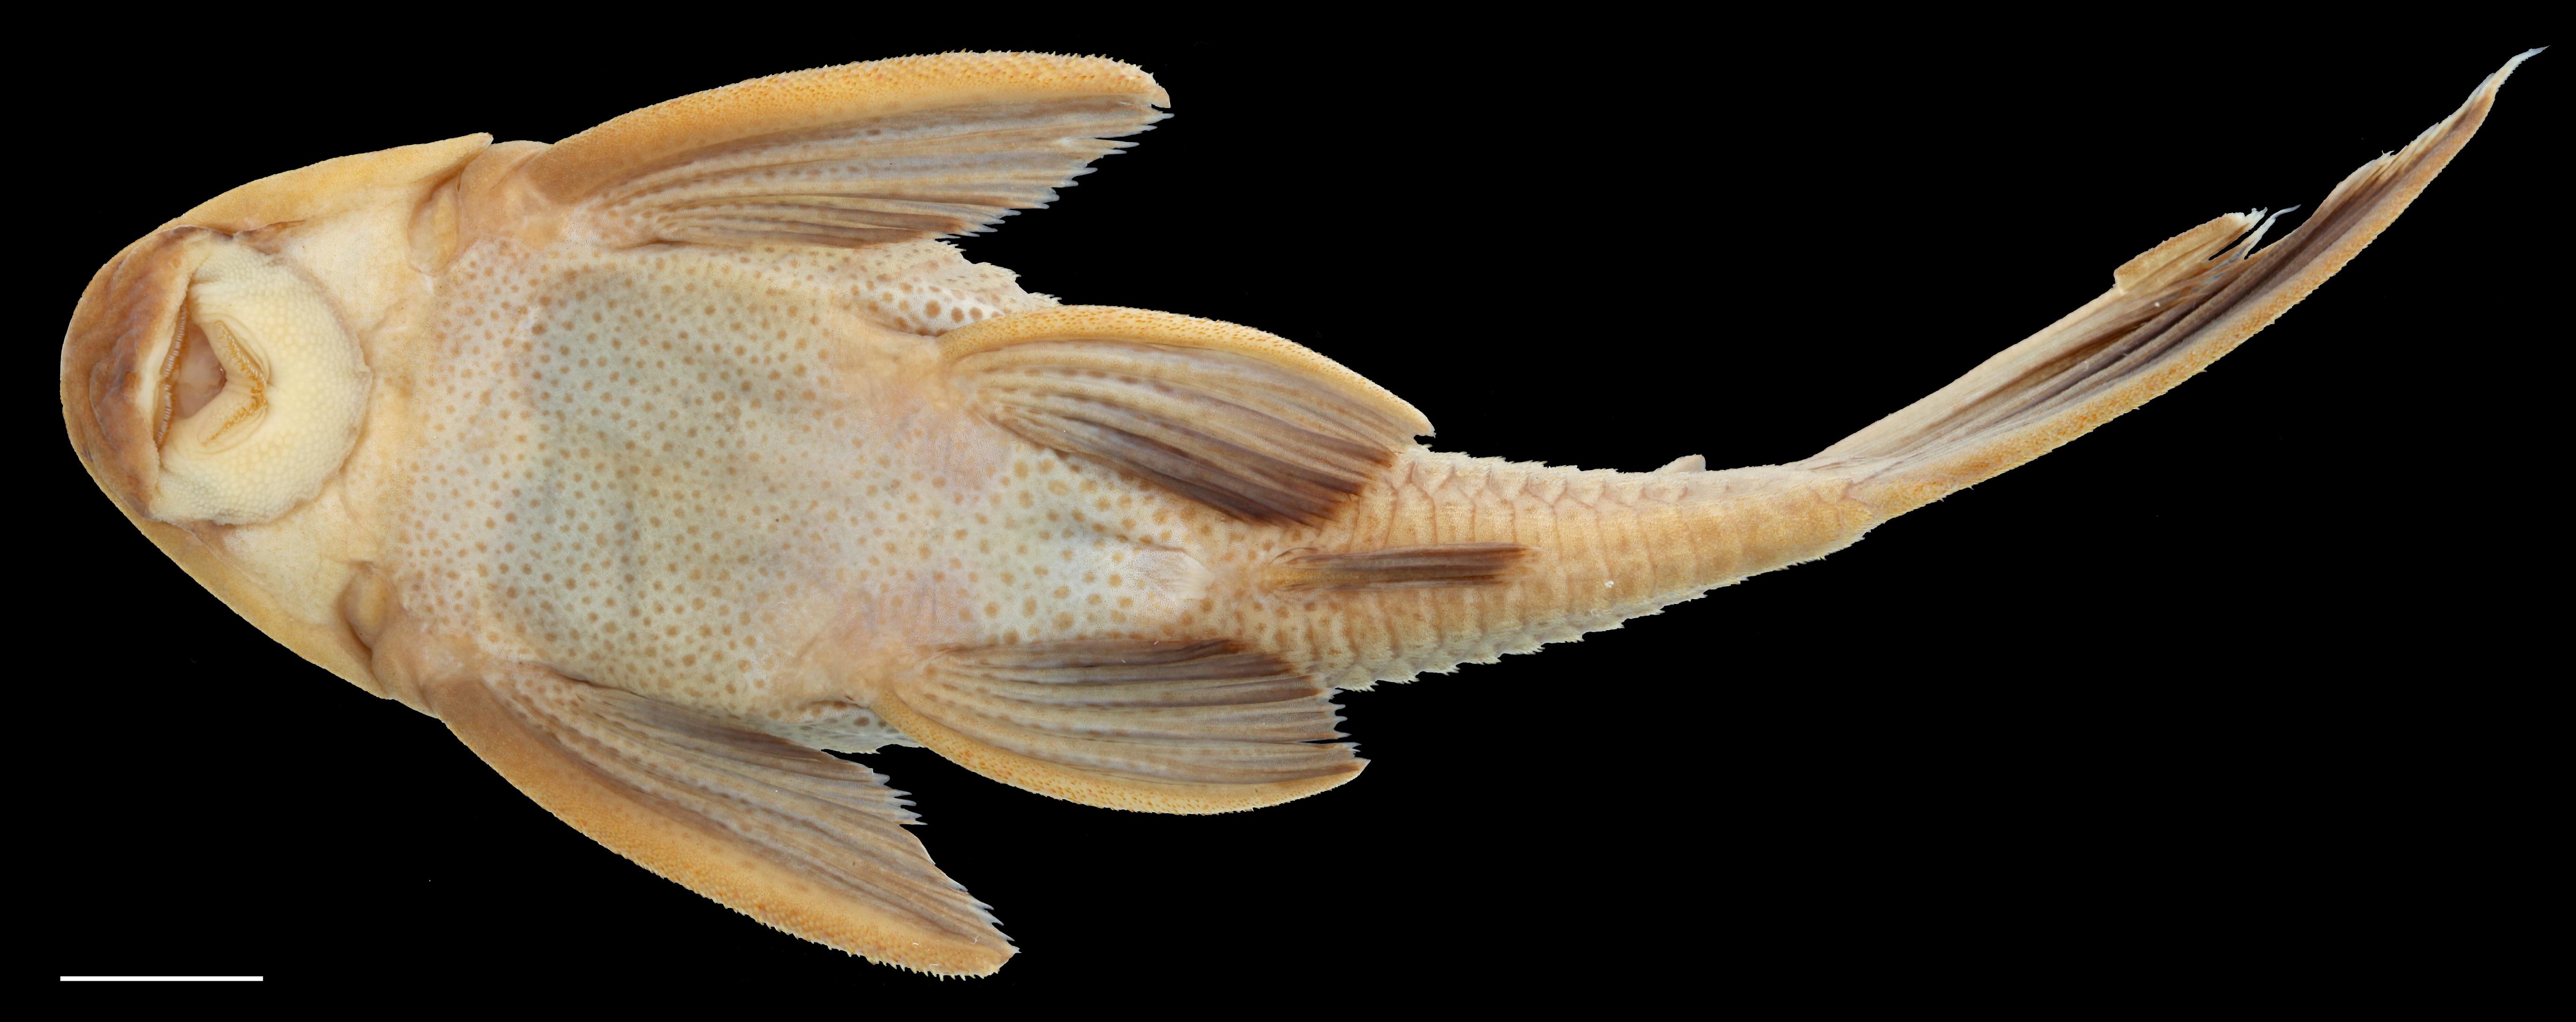 Paratípo de <em>Hypostomus rhantos</em>, IAvH-P-13958_Ventral, 87.7 mm SL (scale bar = 1 cm). Photograph by C. DoNascimiento